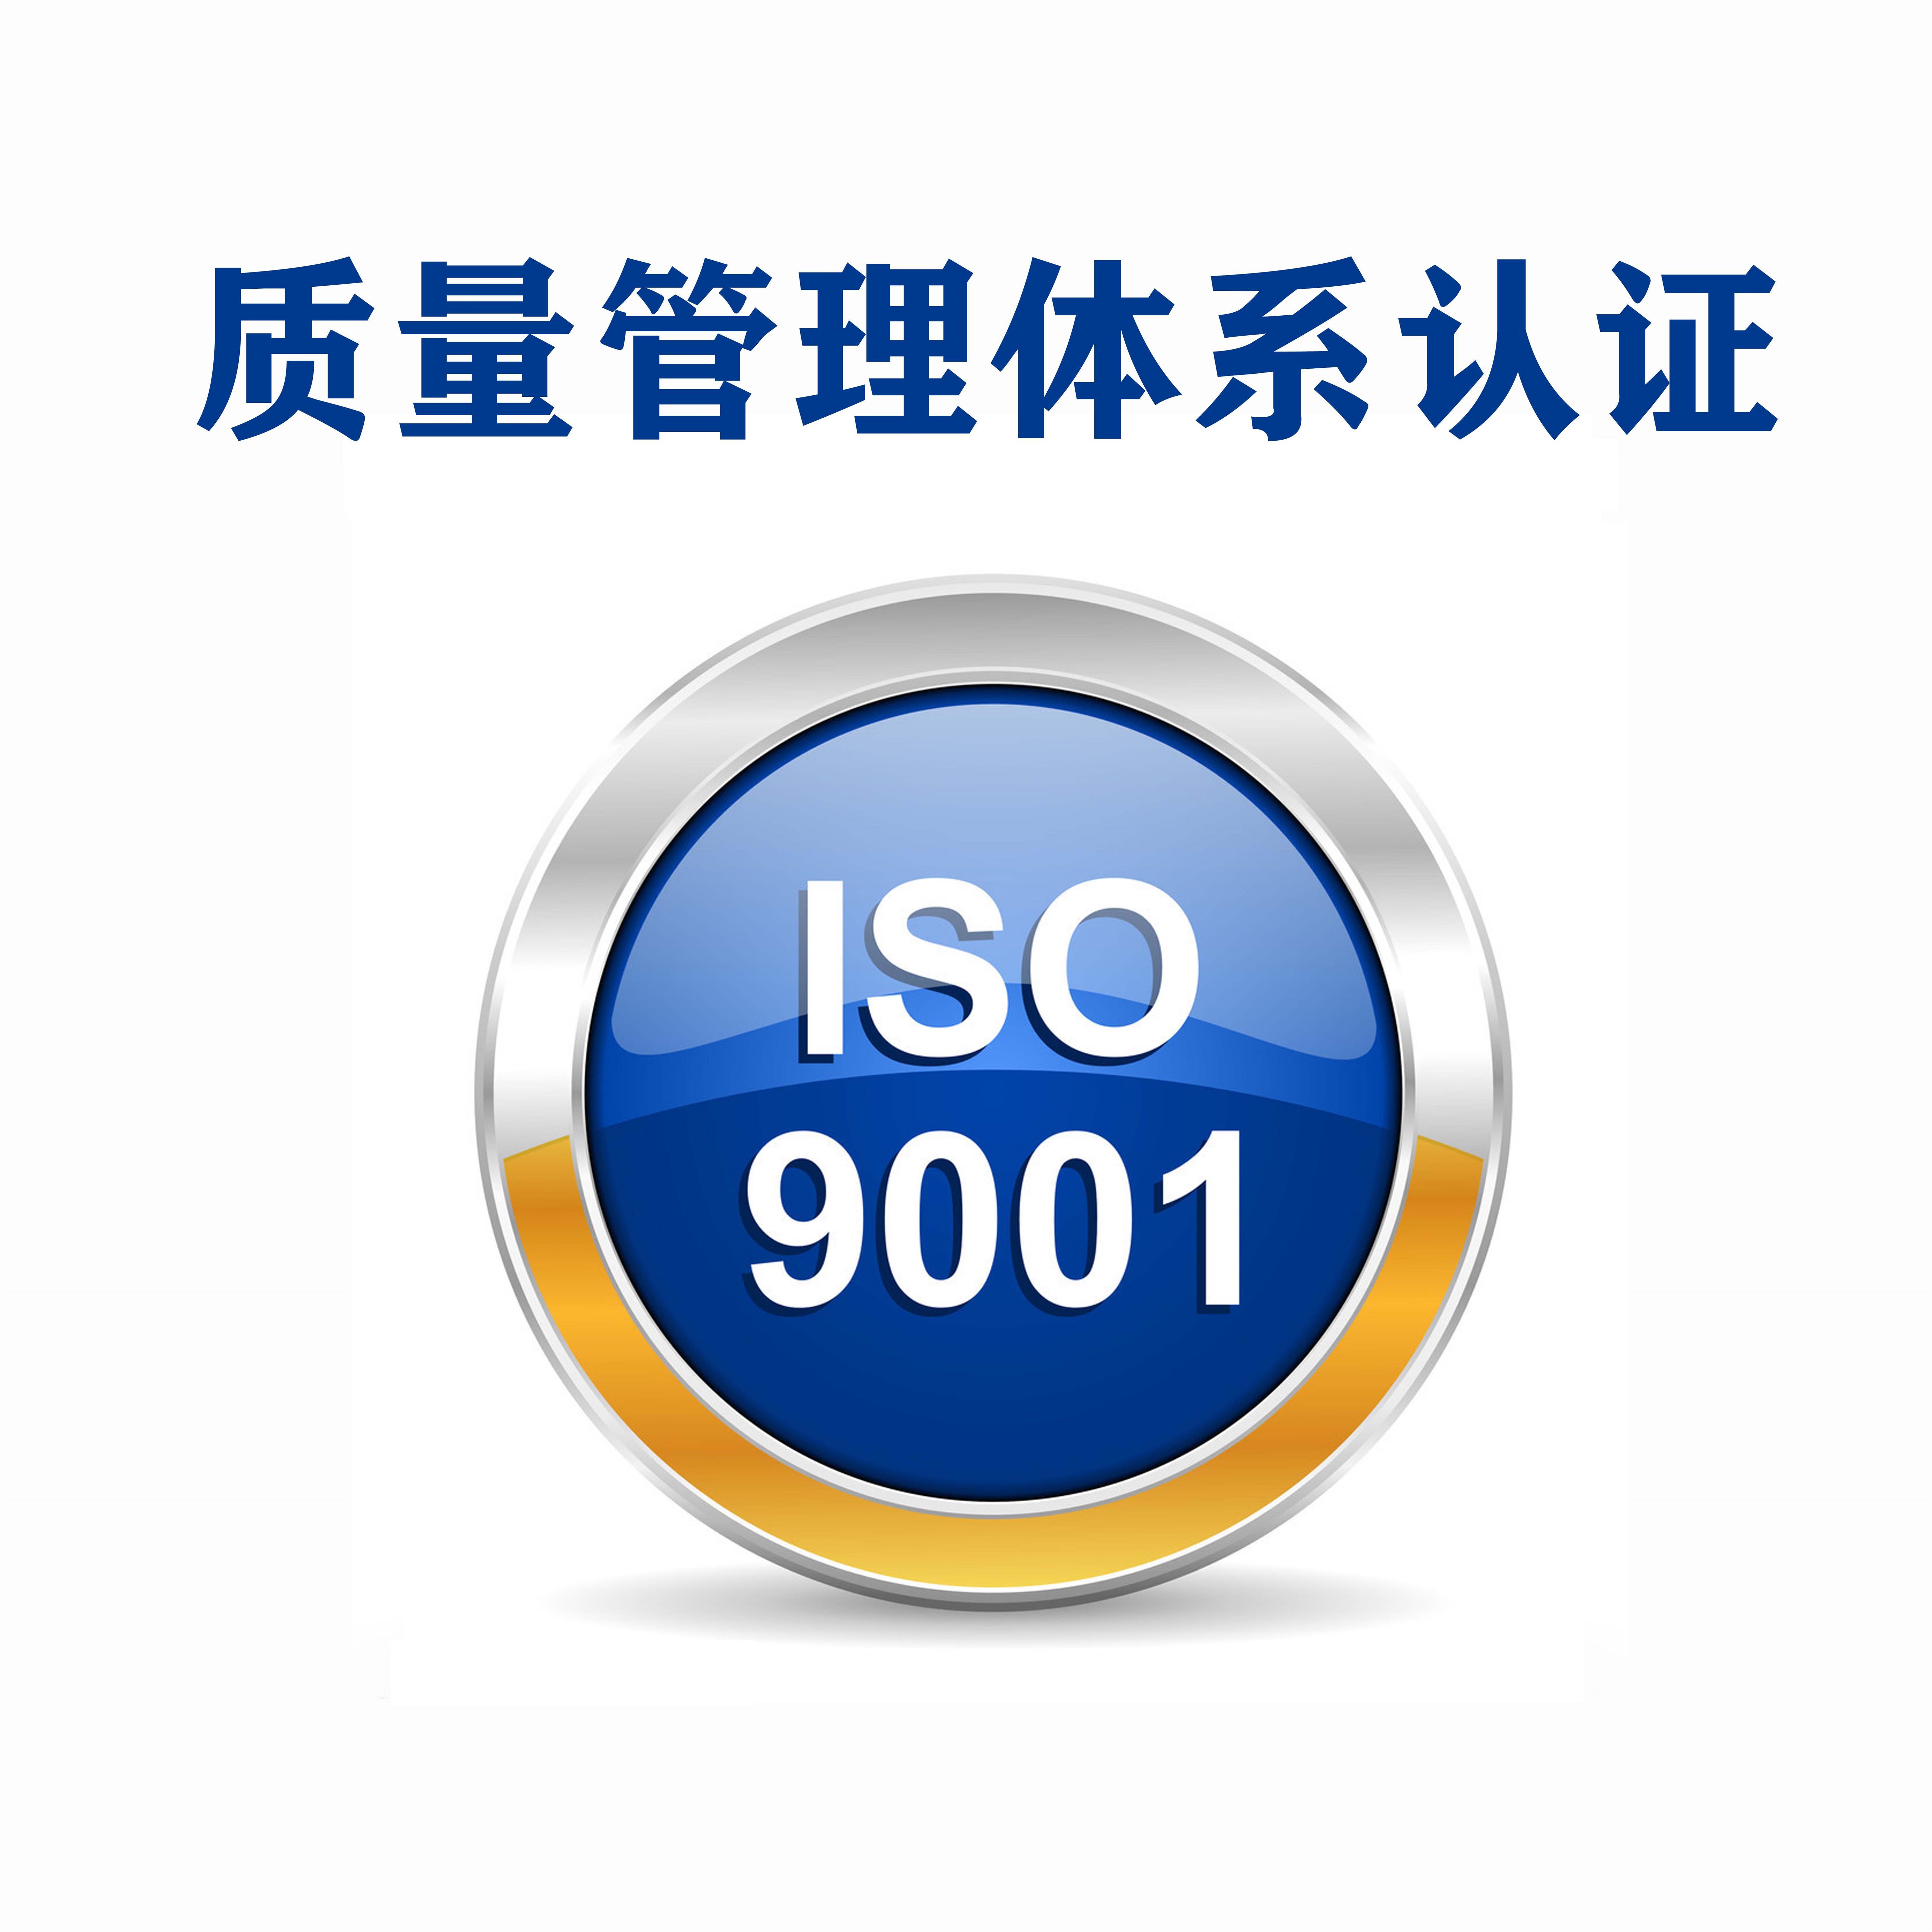 建立质量体系认证用途